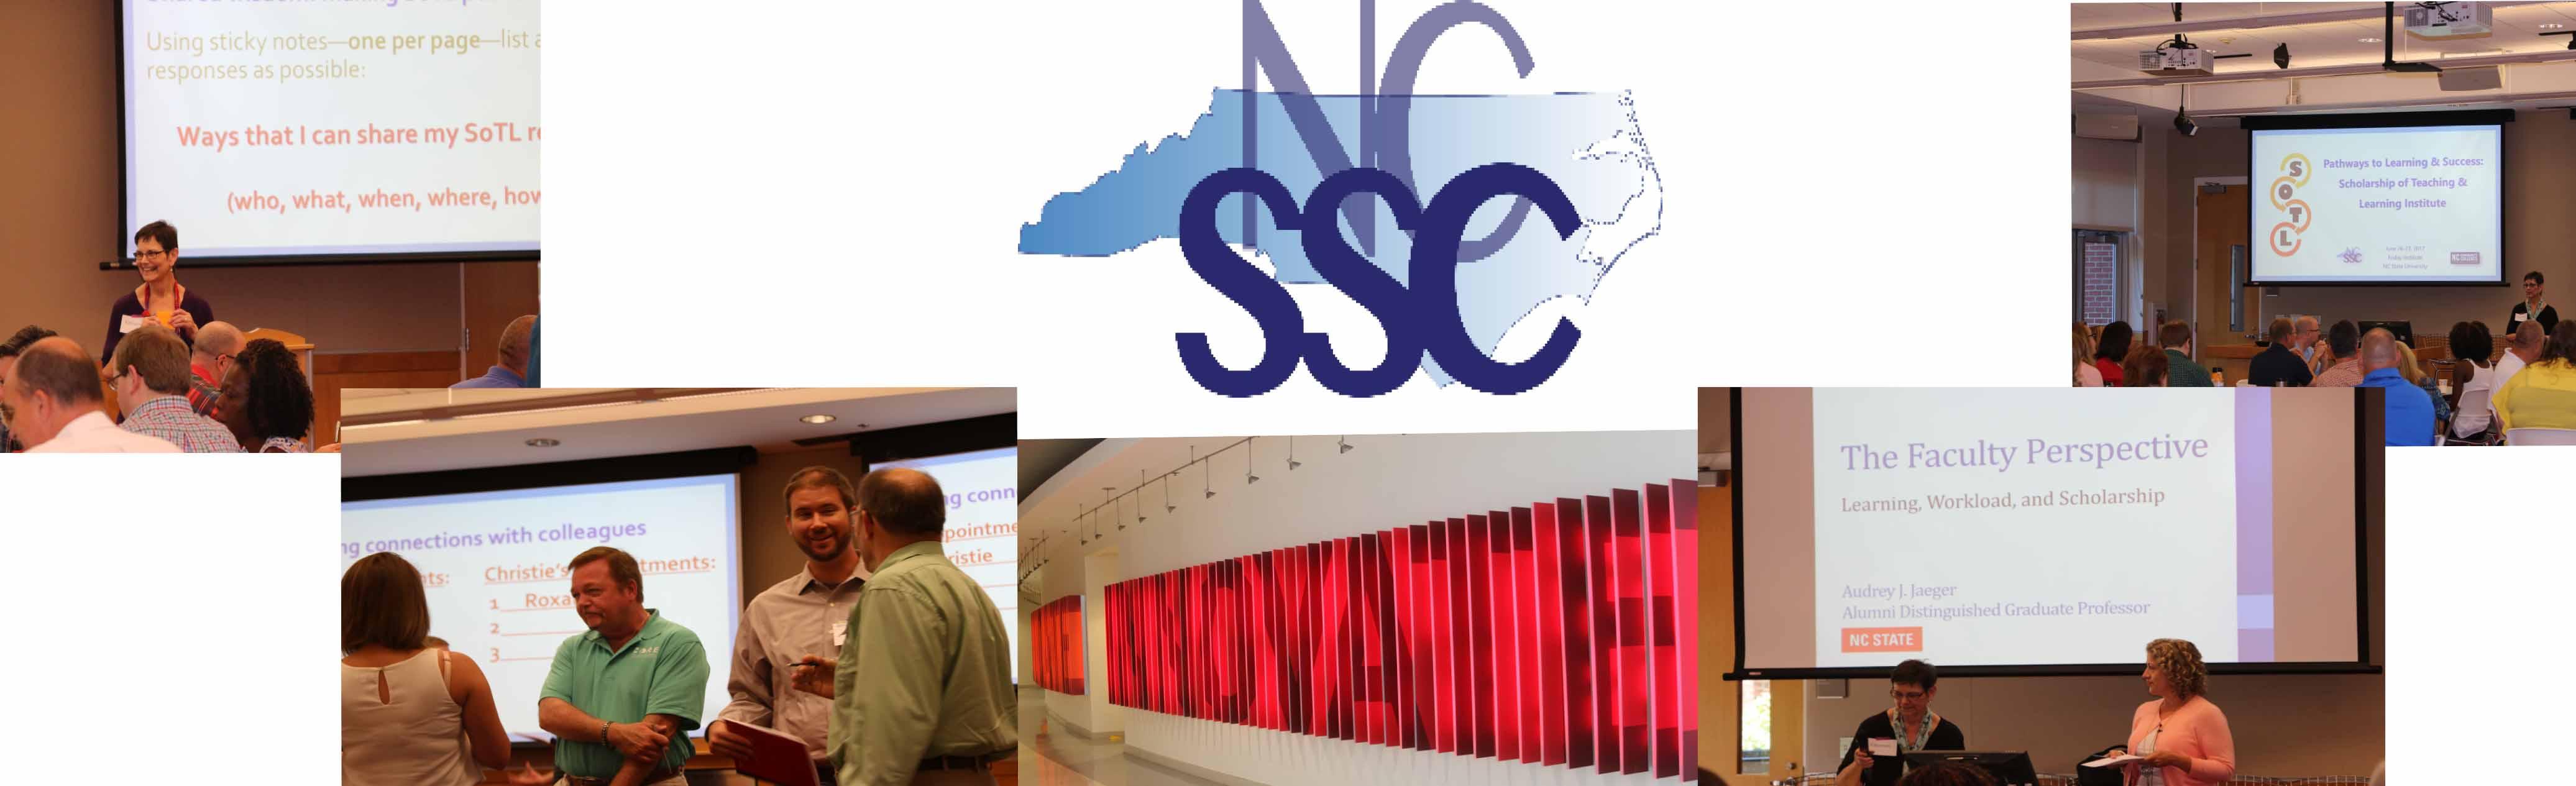 Image of SoTL Institute